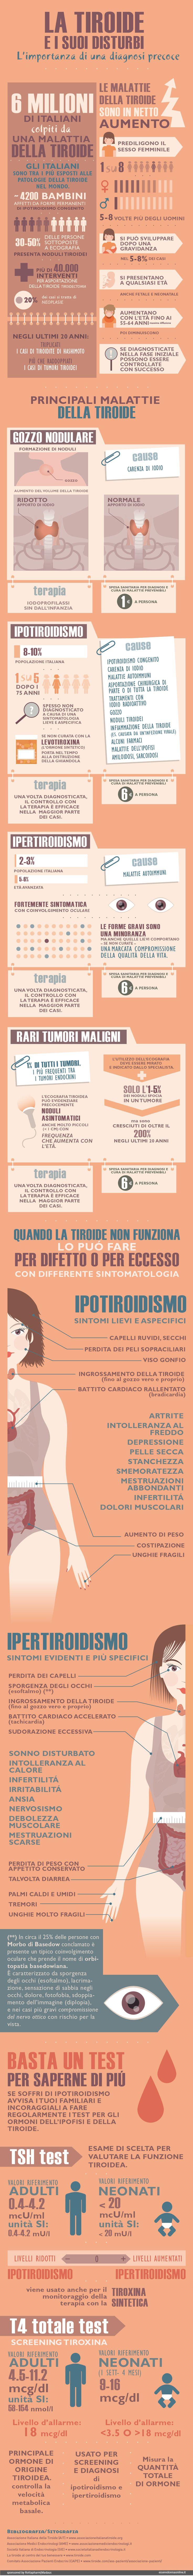 La #tiroide è un punto davvero nodale della nostra #salute. Ecco tutte le informazioni per saperne di più! Qualche notizia in più su Benessere e Salute? Passate su WeightWorld Italia: www.weightworld.it